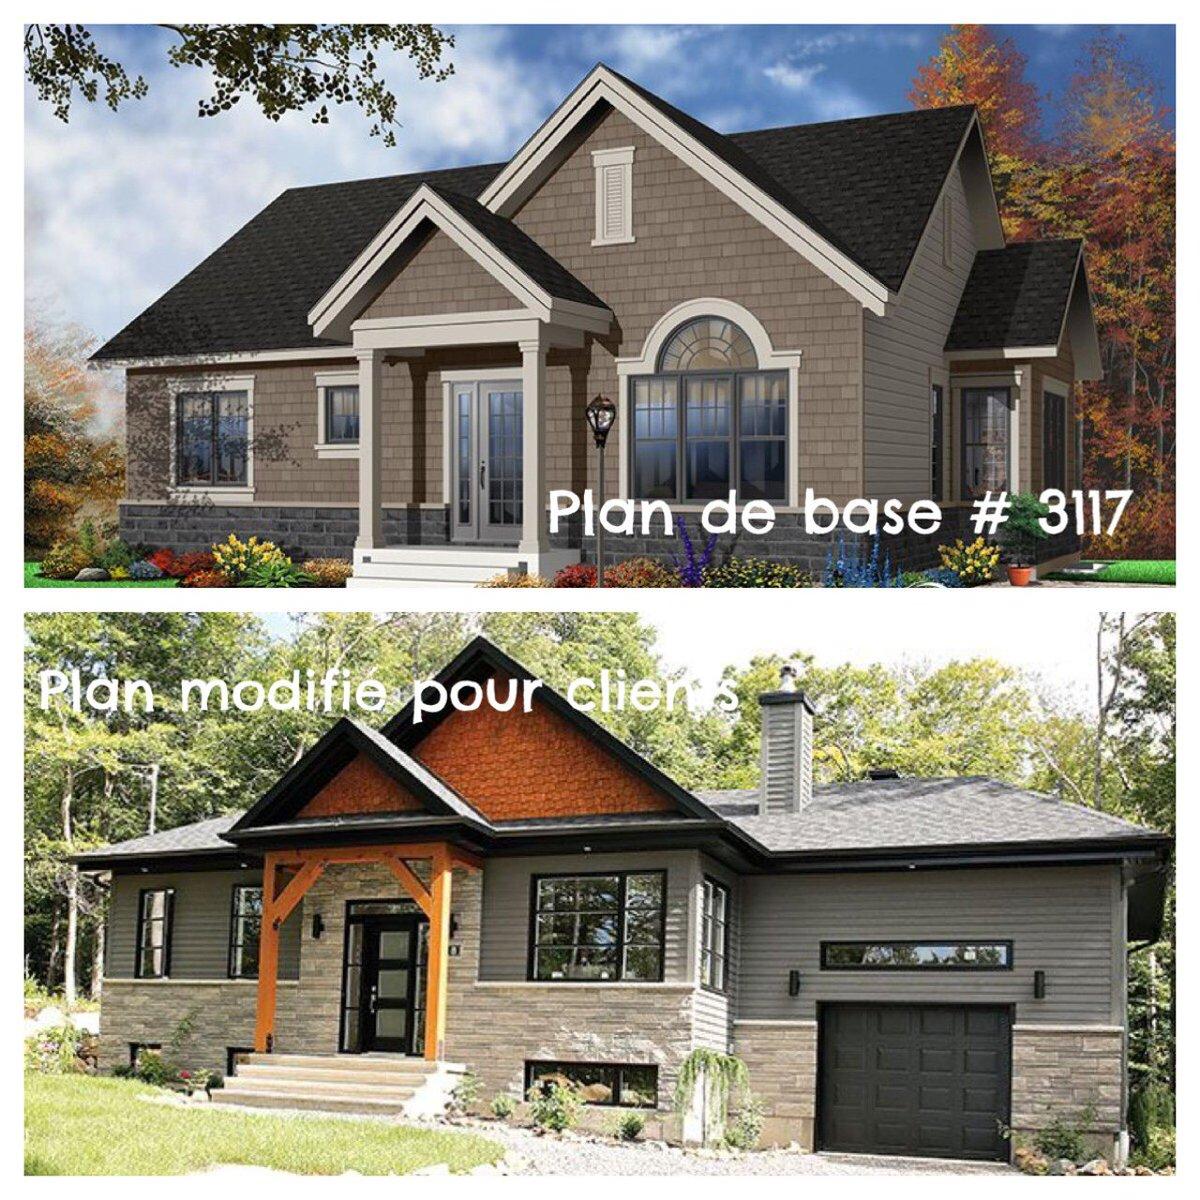 Plans de maisons dessinsdrummond twitter for Dessins maison